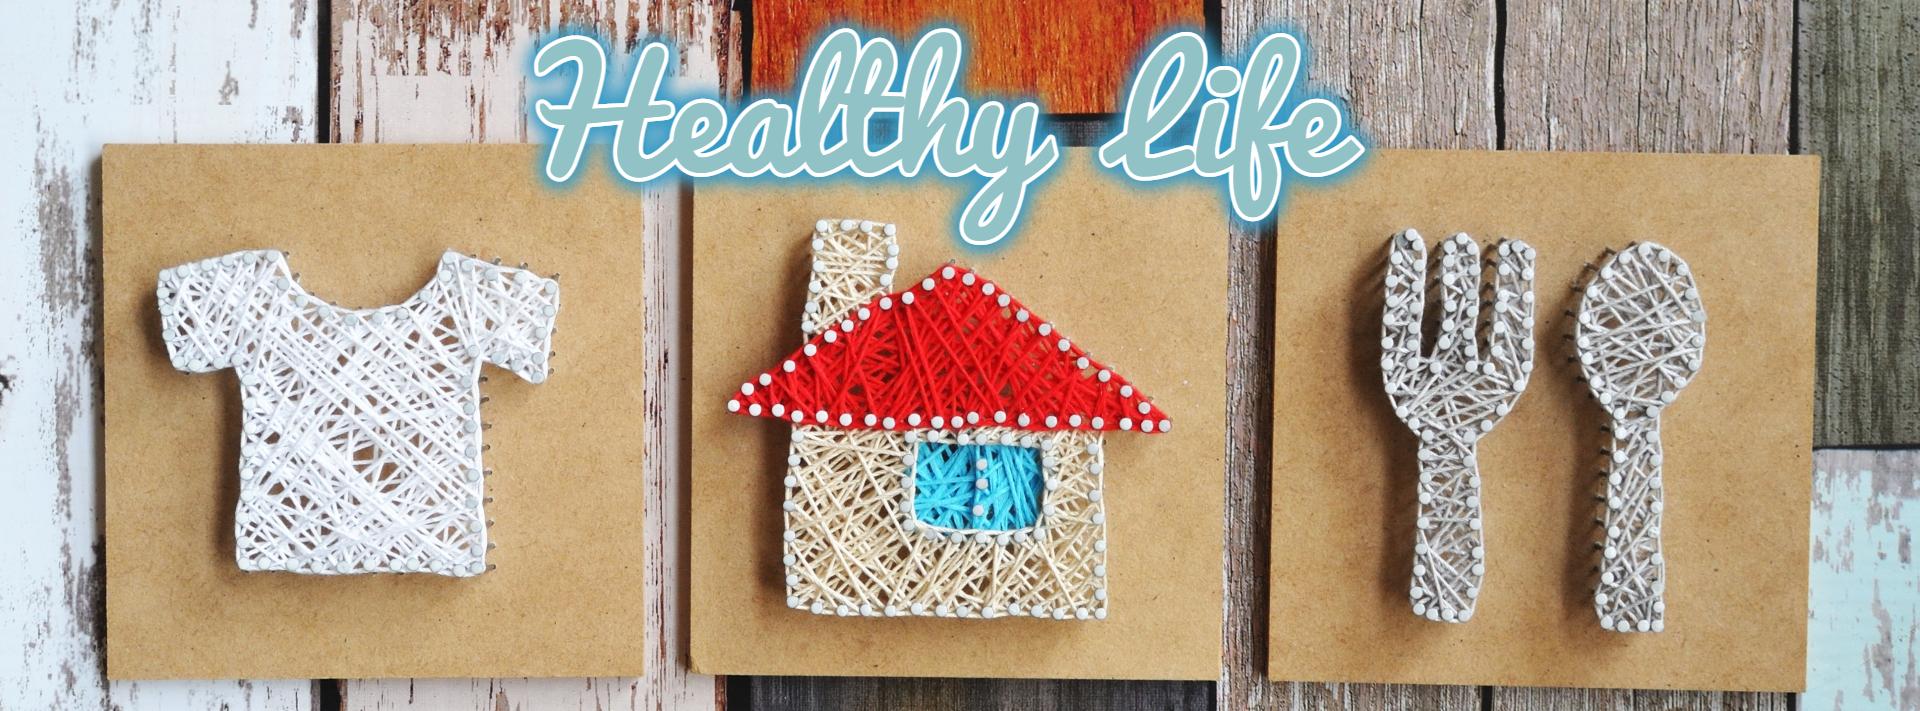 ワークスタイル ✕ ライフスタイル (5) ~ 一線集中と健康管理|ながらすたいる・えっくす www.bixlix.com